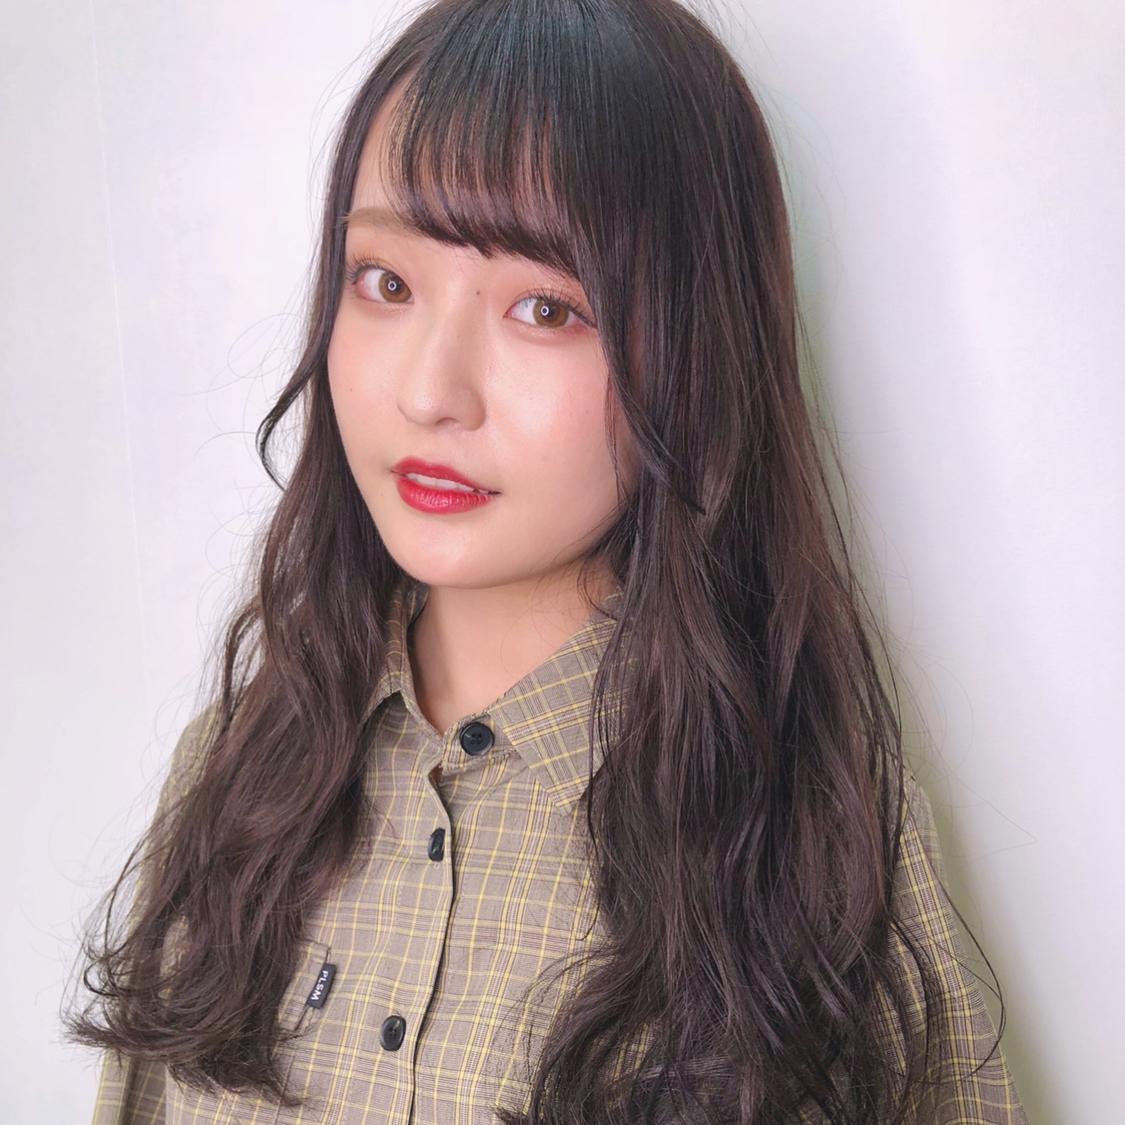 keisuke kamiyamaが投稿した画像